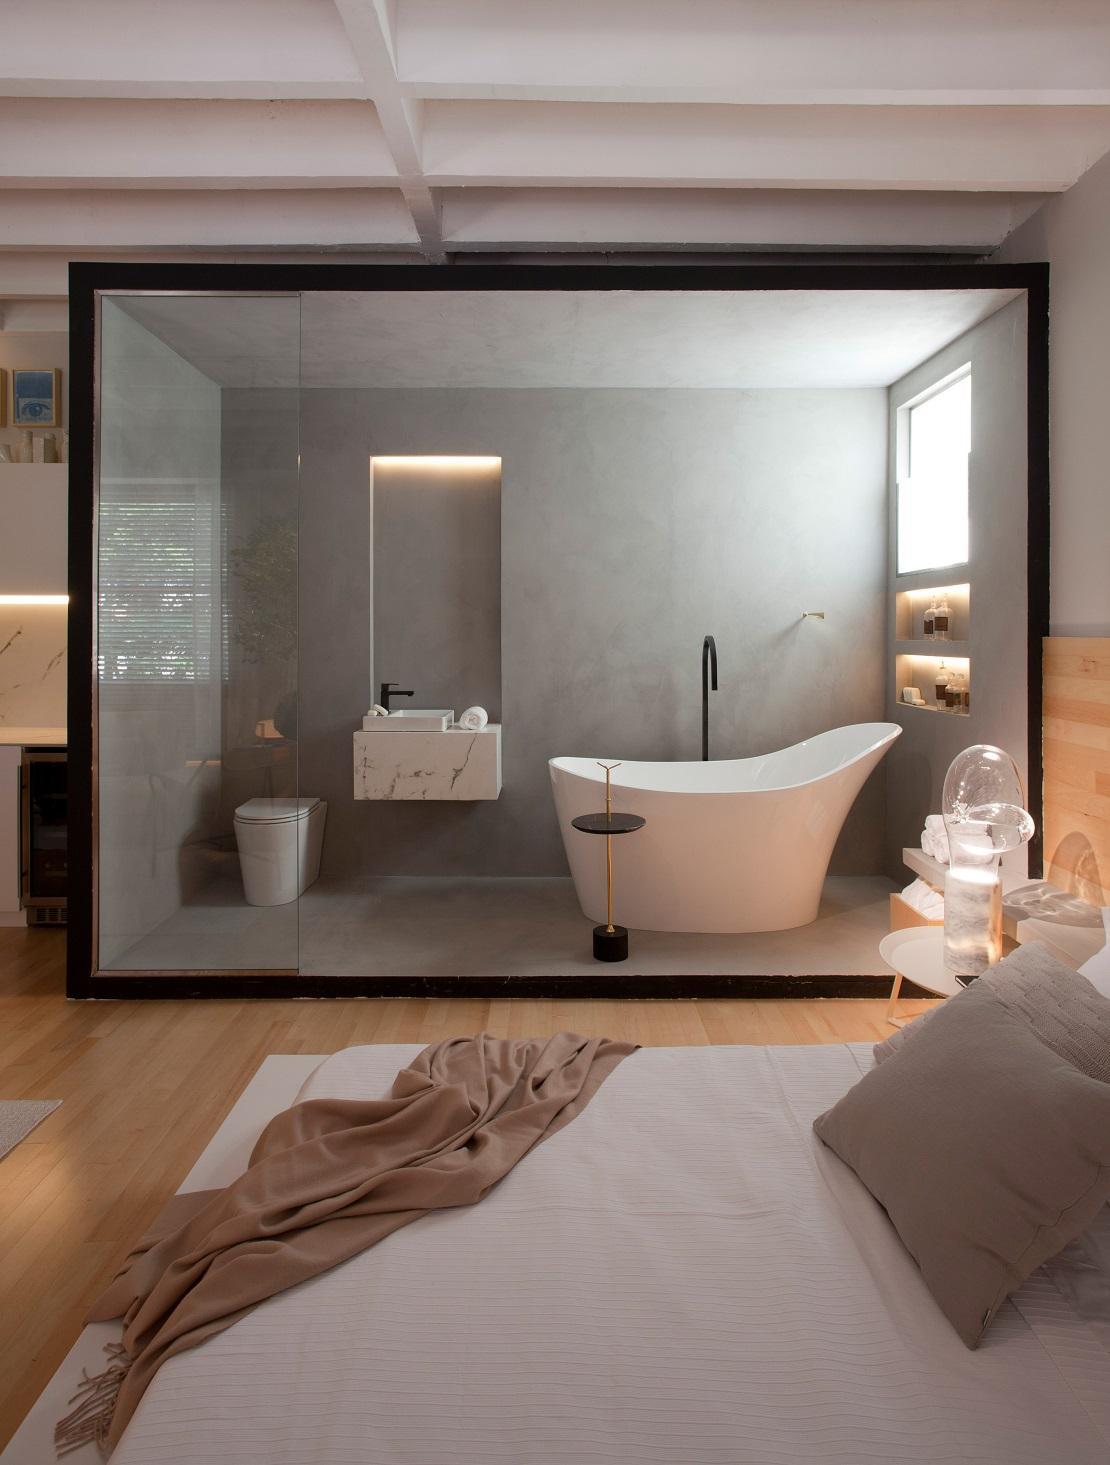 Une salle de bain en open space - Lomenech, plomberie ...